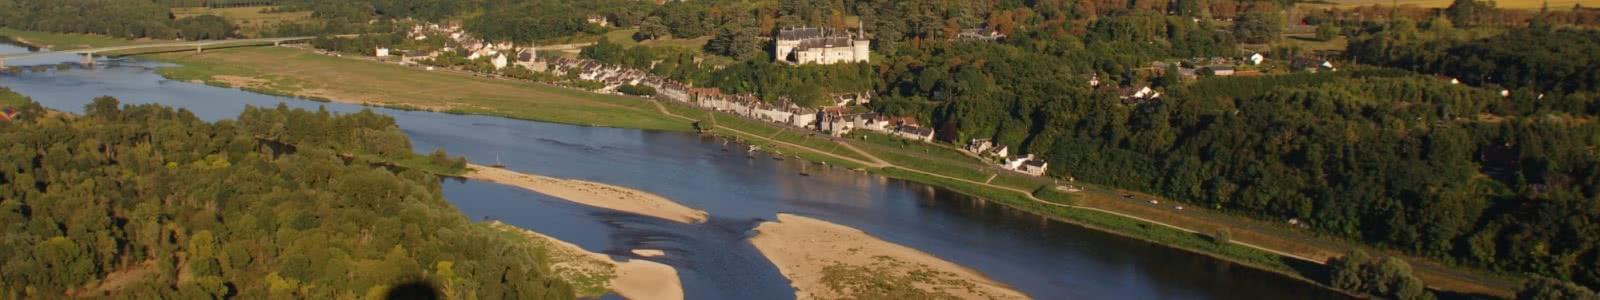 La Loire et le château de Chaumont-sur-Loire ©ADT41-T-Savoir